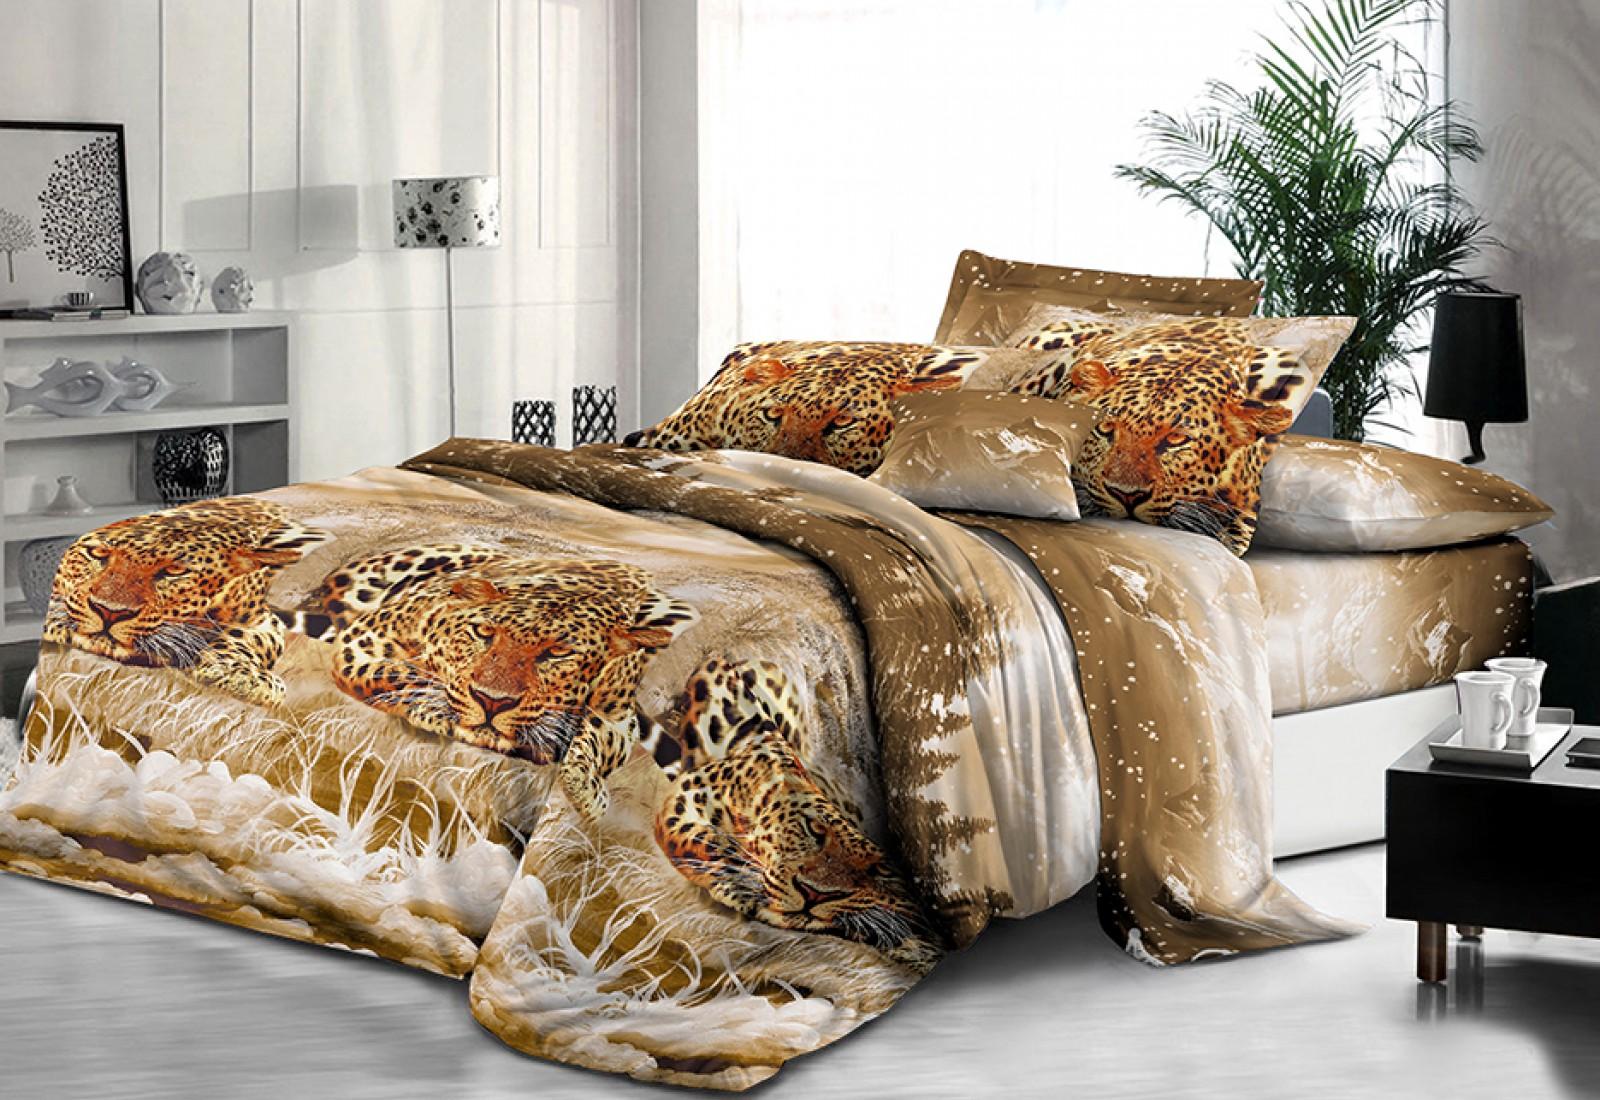 Двуспальное постельное белье РАНФОРС (бязь) 100% хлопок 181435